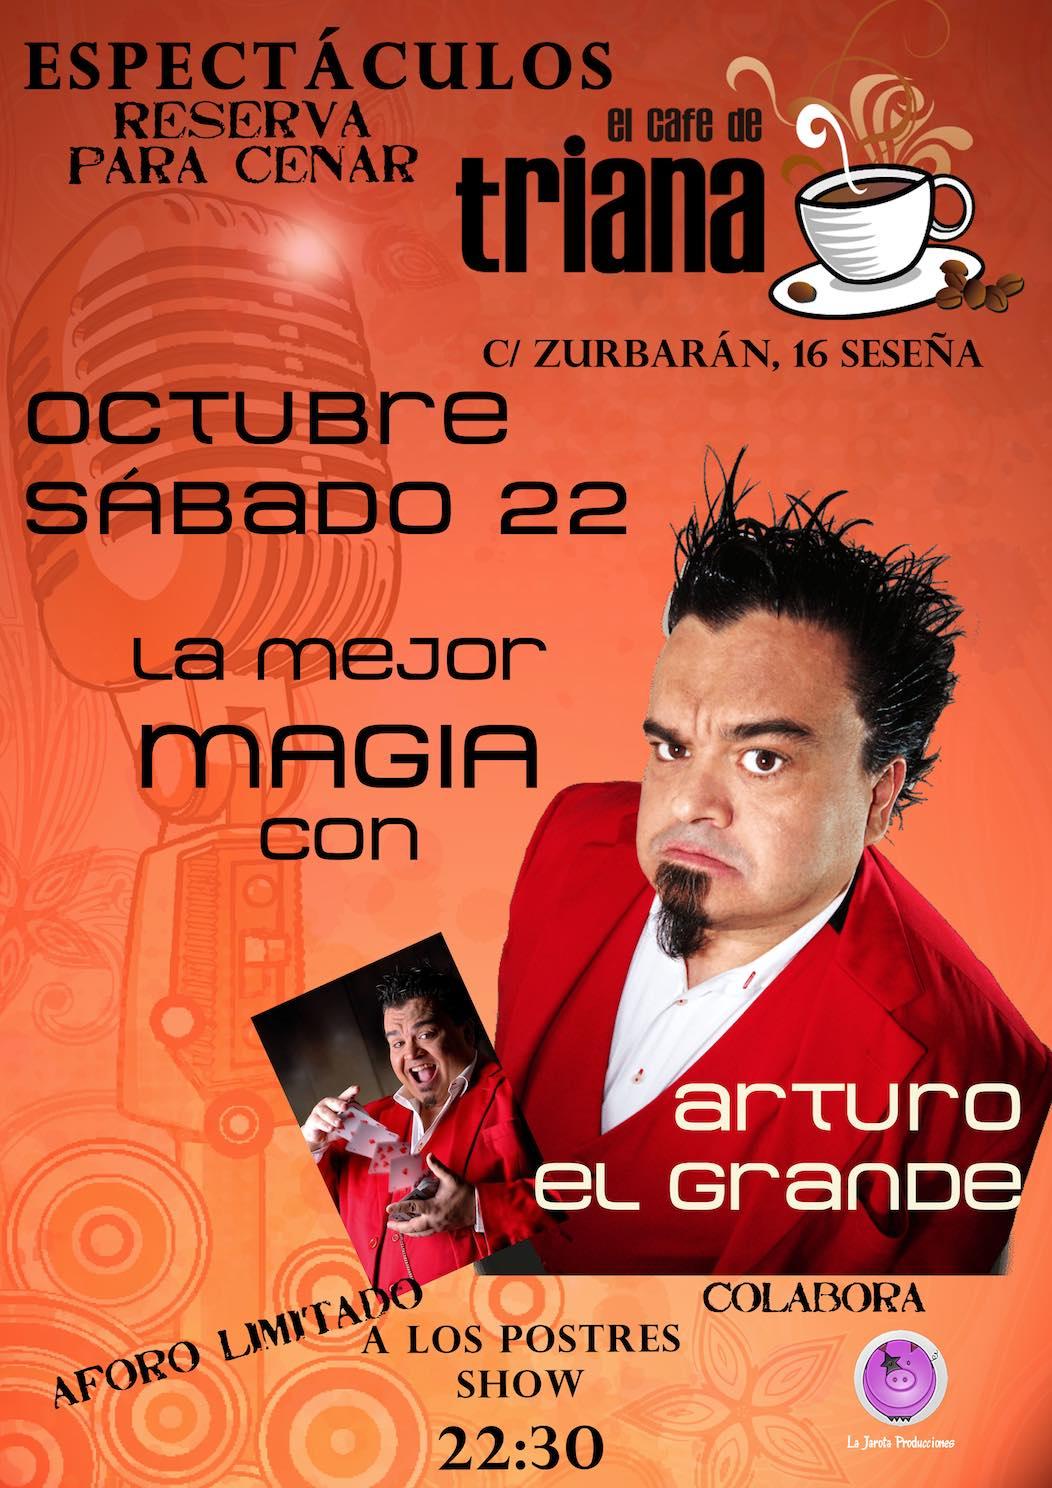 ¡Arturo El Grande en El Café de Triana!